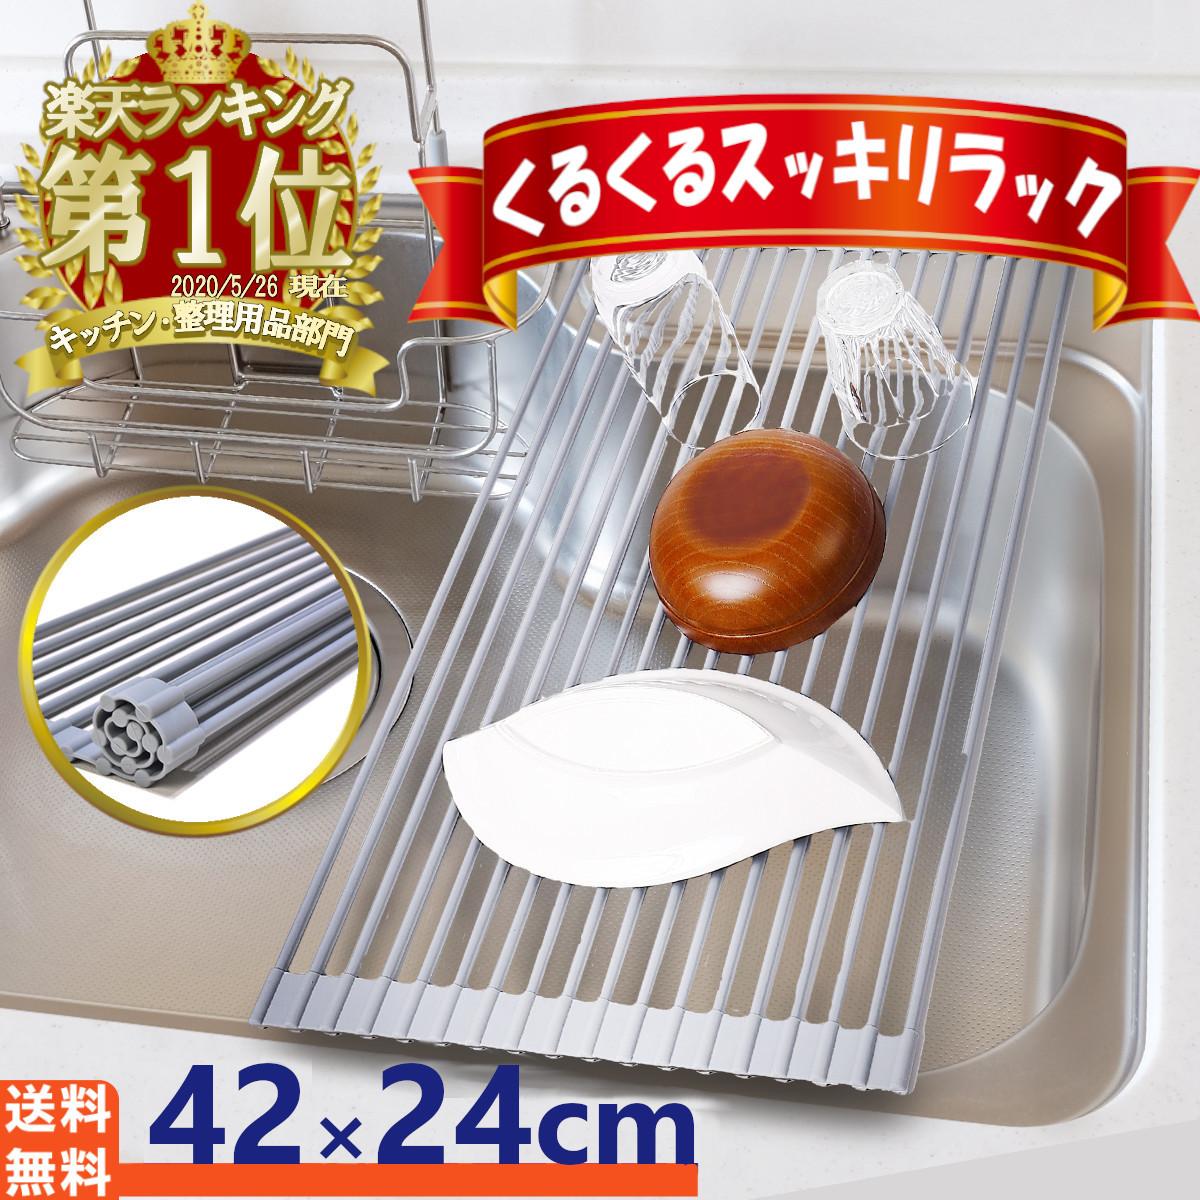 使わない時はサッとしまえるスッキリラックです 授与 水切りラック 水切り シンク上 スリム シリコン 折りたたみ お中元 大容量 食器 台所用品 みずきりかご おりたたみ キッチン 流し台 シンク内 プレート コンパクト ワイド 送料無料 42x24cm Latuna 抗菌 乾燥 錆びない くるくるスッキリラック 衝撃のSS限定55%OFFさらにクーポン配布 4冠達成